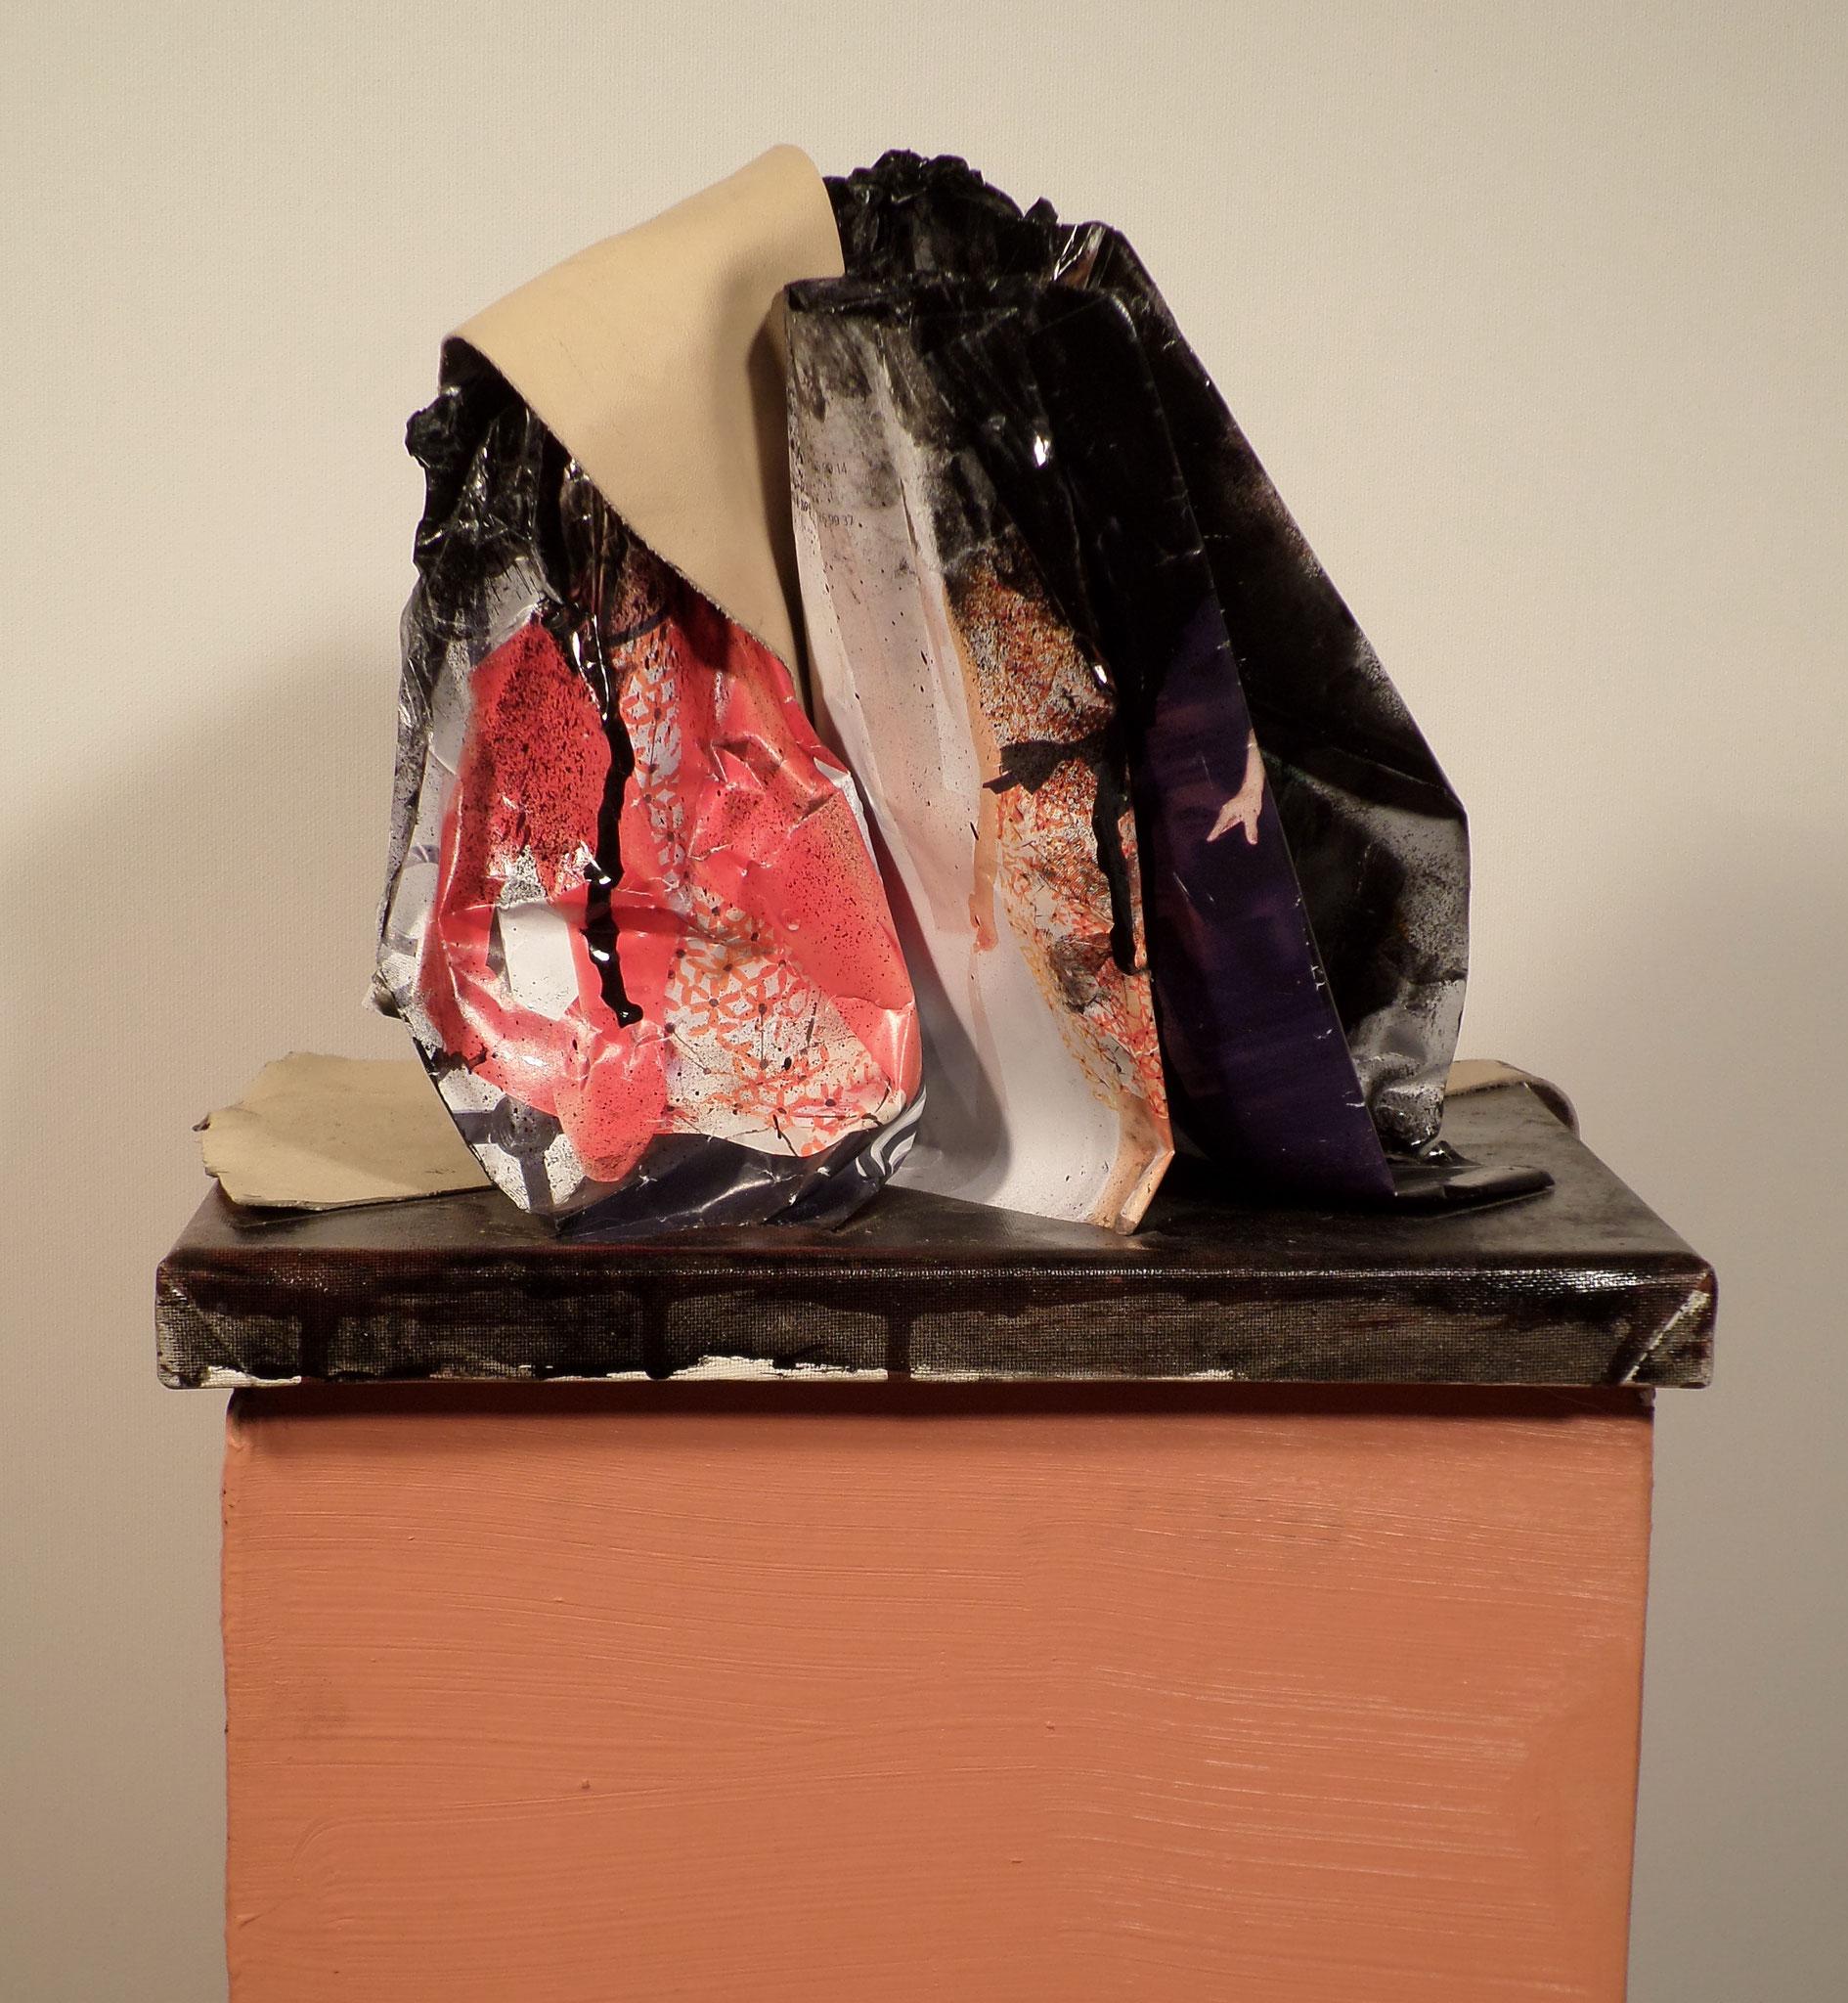 Fashion Affair / Acryl, Leder, Modemagazin auf Leinwand / 18 cm x 24 cm x 19 cm / 2014 / MWV S008